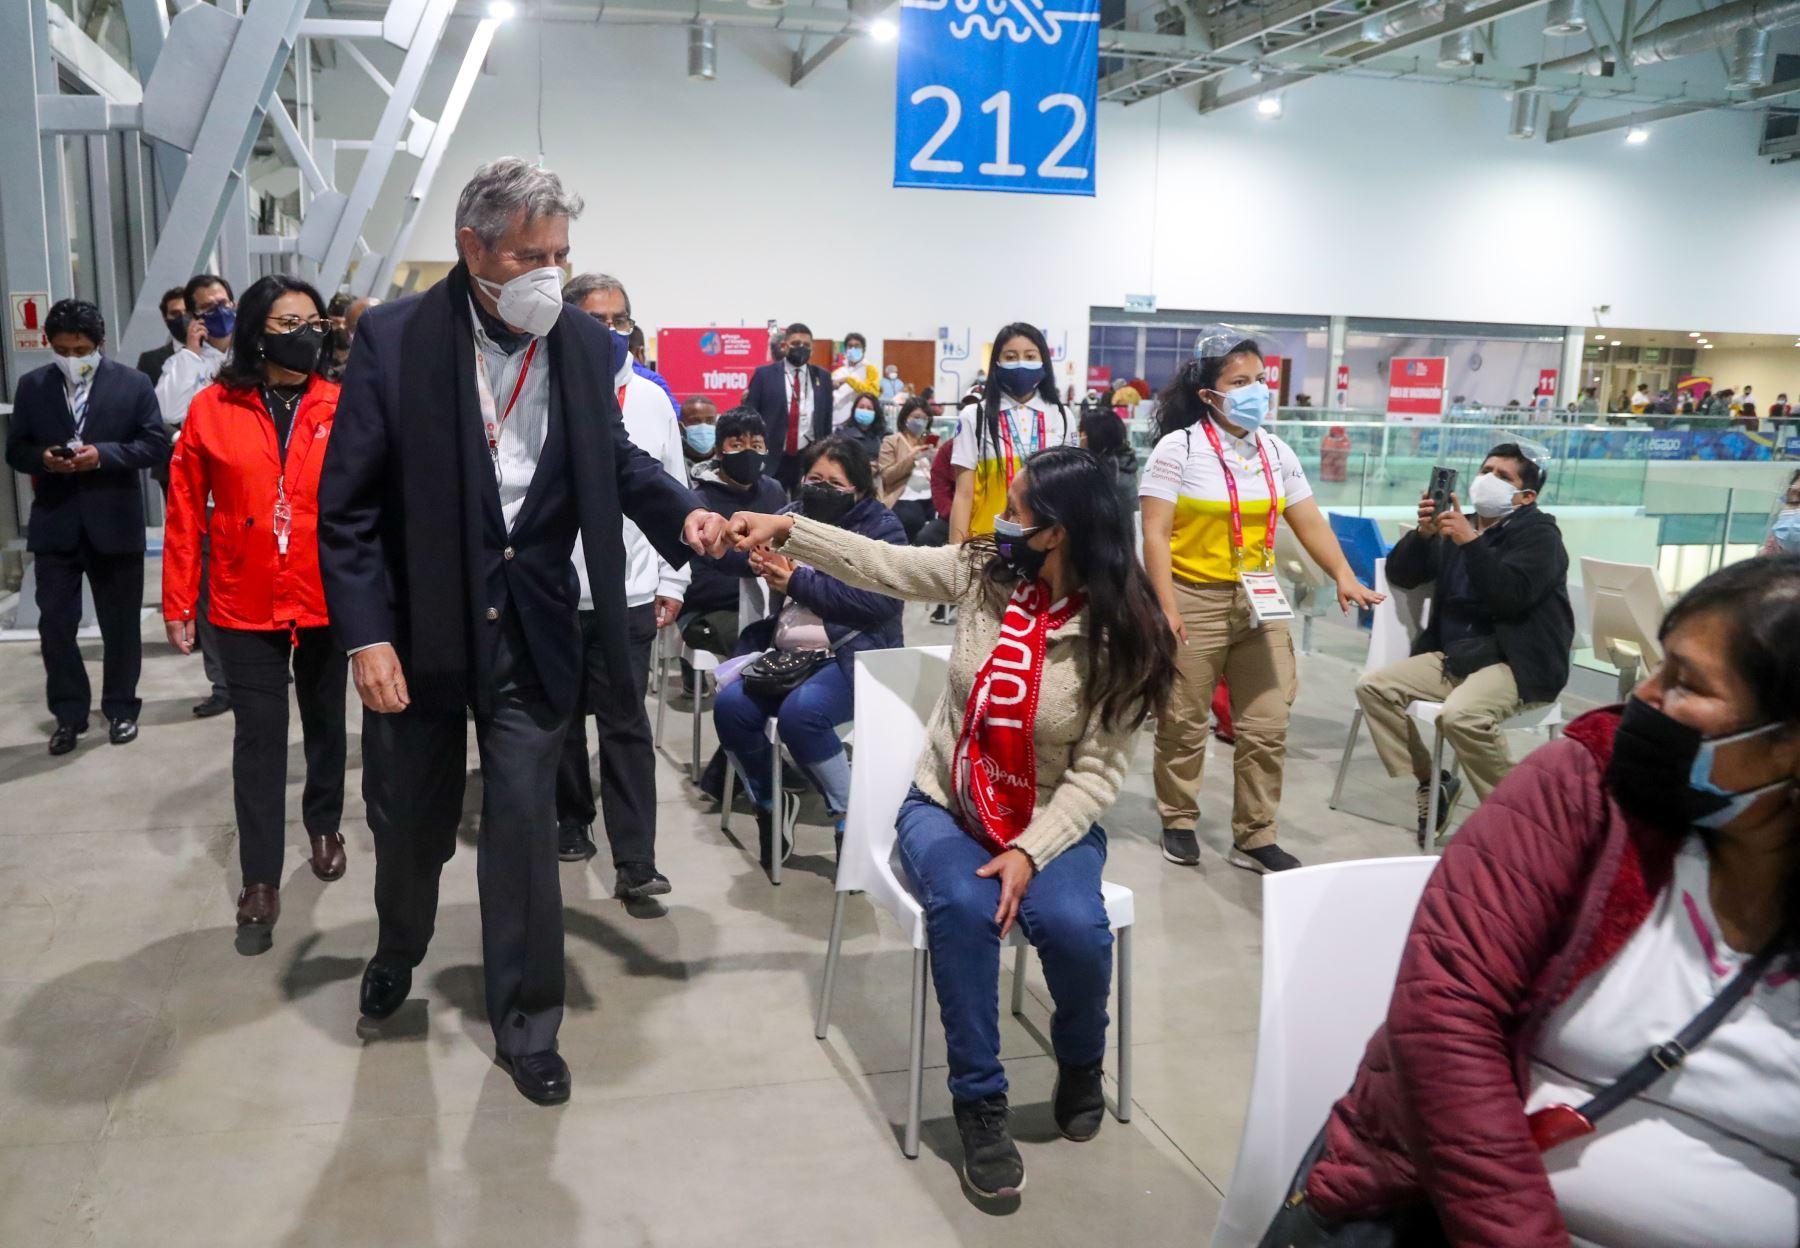 El presidente Francisco Sagasti, junto con la titular de la PCM, Violeta Bermúdez, el titular del Ministerio de Salud, Óscar Ugarte, la ministra de vivienda, Solangel Fernández y el alcalde de Lima, Jorge Muñoz  lideran la clausura del tercer Vacunatón en Lima Metropolitana y Callao. Foto: ANDINA/Presidencia Perú